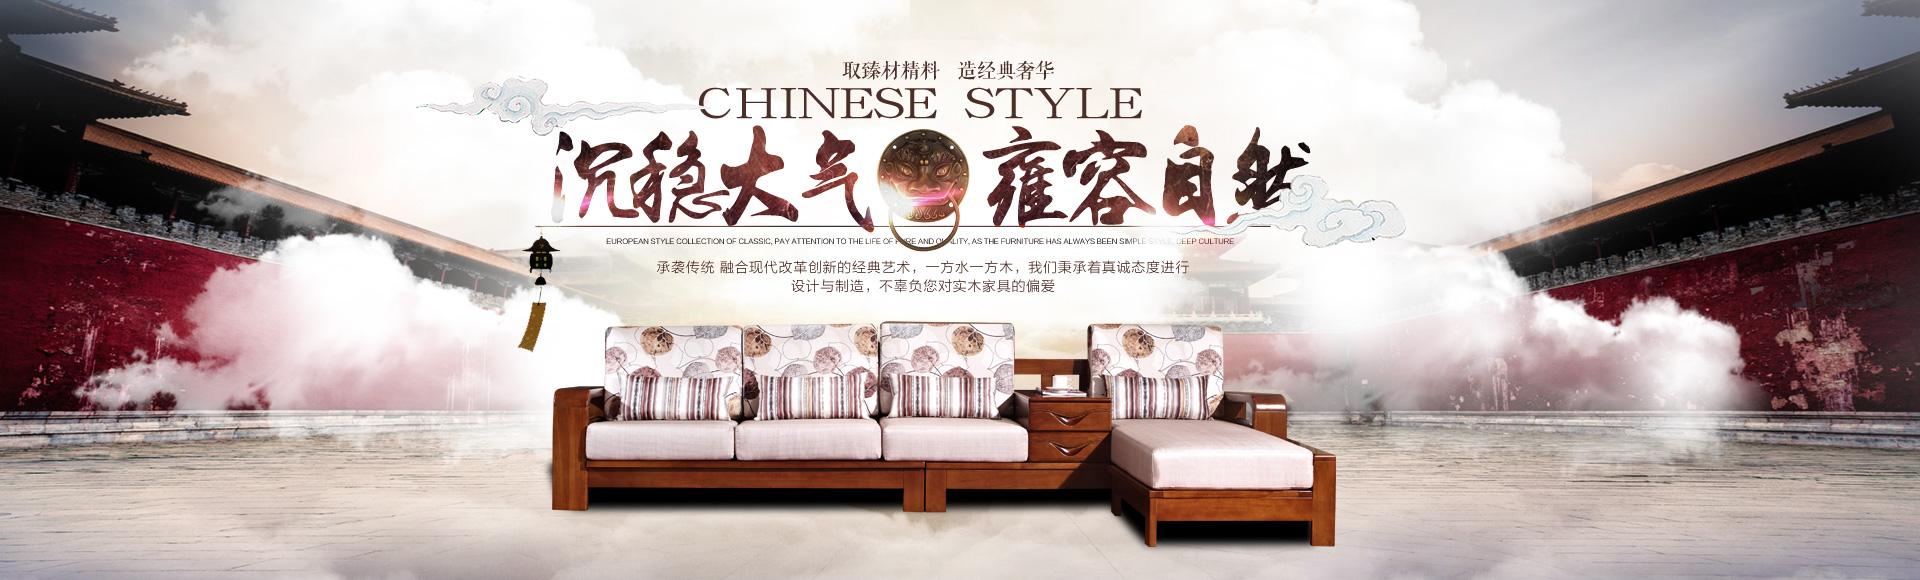 中式家具海报 中式实木床 中式实木沙发海报